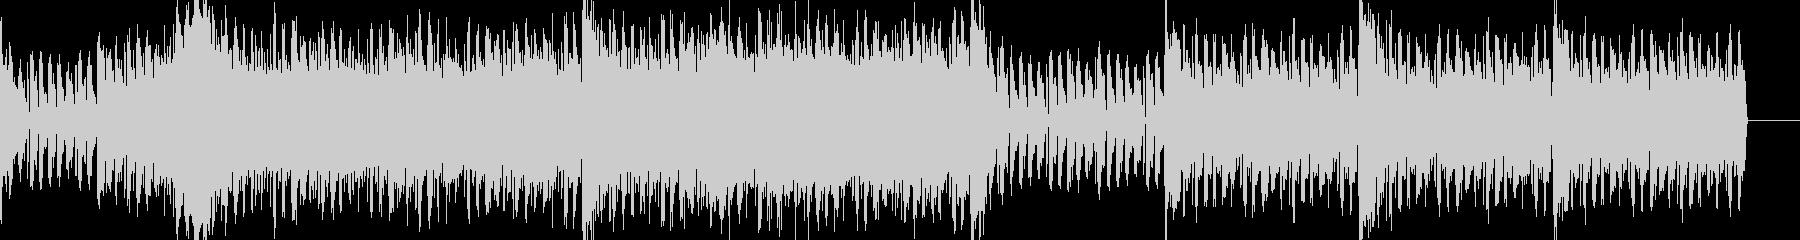 戦闘シーン 電子音とオーケストラの未再生の波形